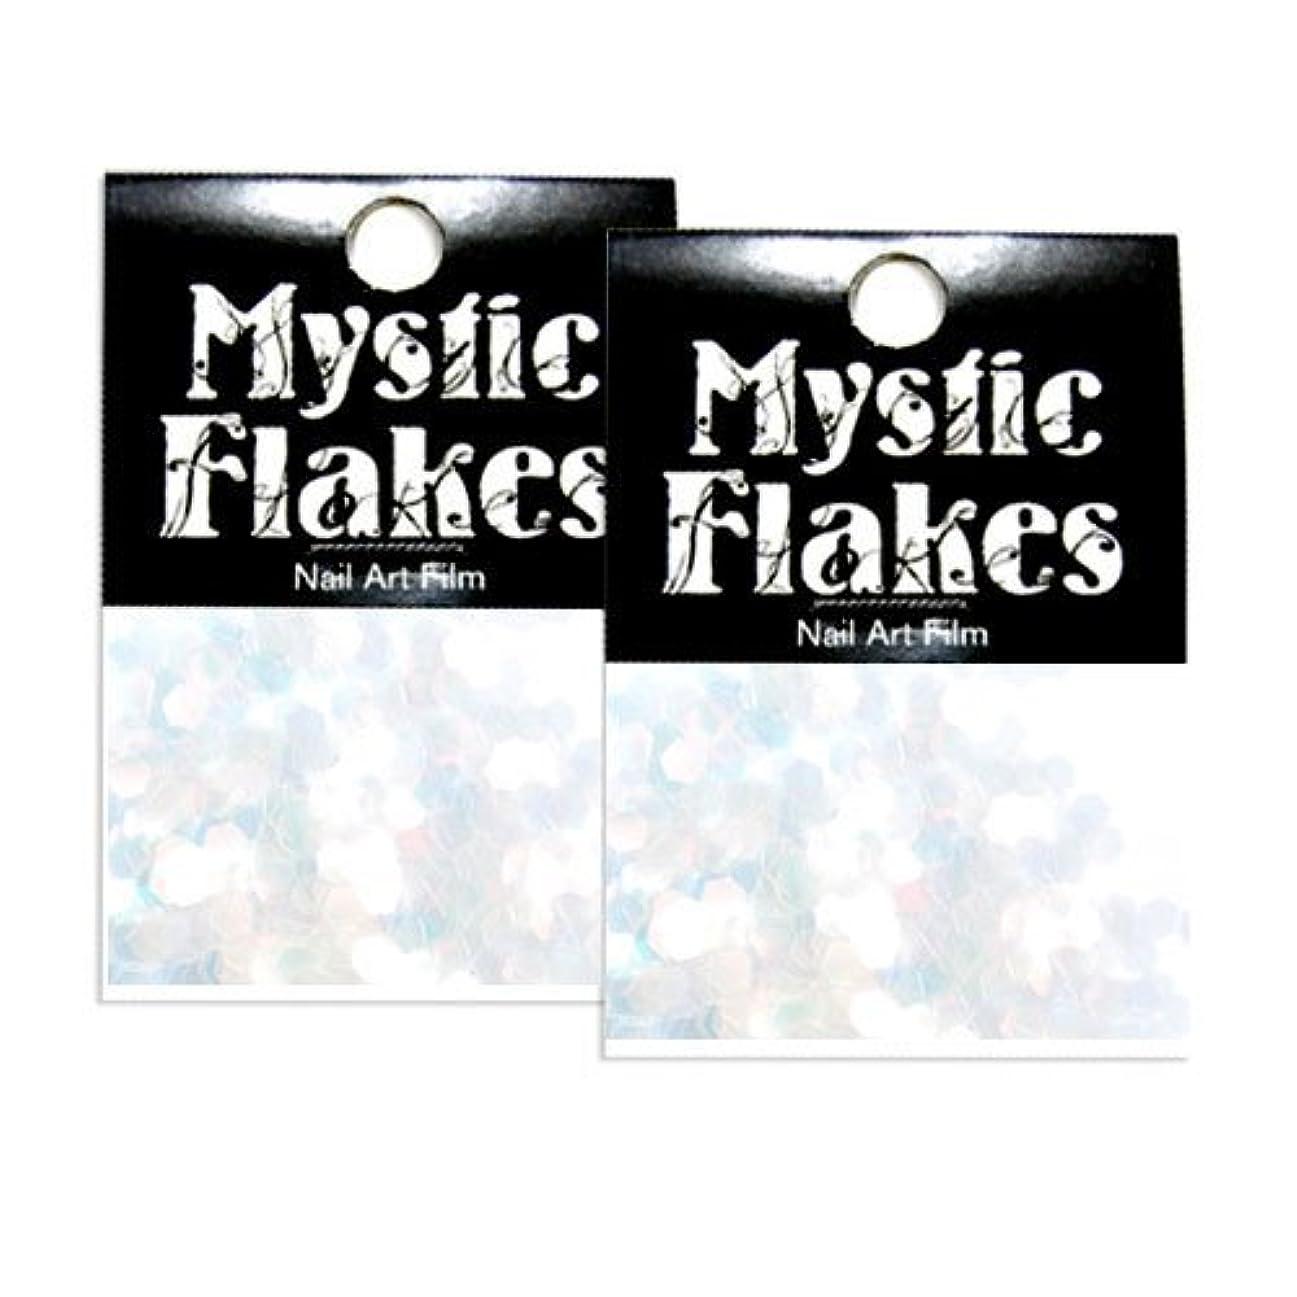 彼らのもの海藻貴重なミスティックフレース ネイル用ストーン カメレオンクリアブルー ヘキサゴン 2.5mm 0.5g 2個セット